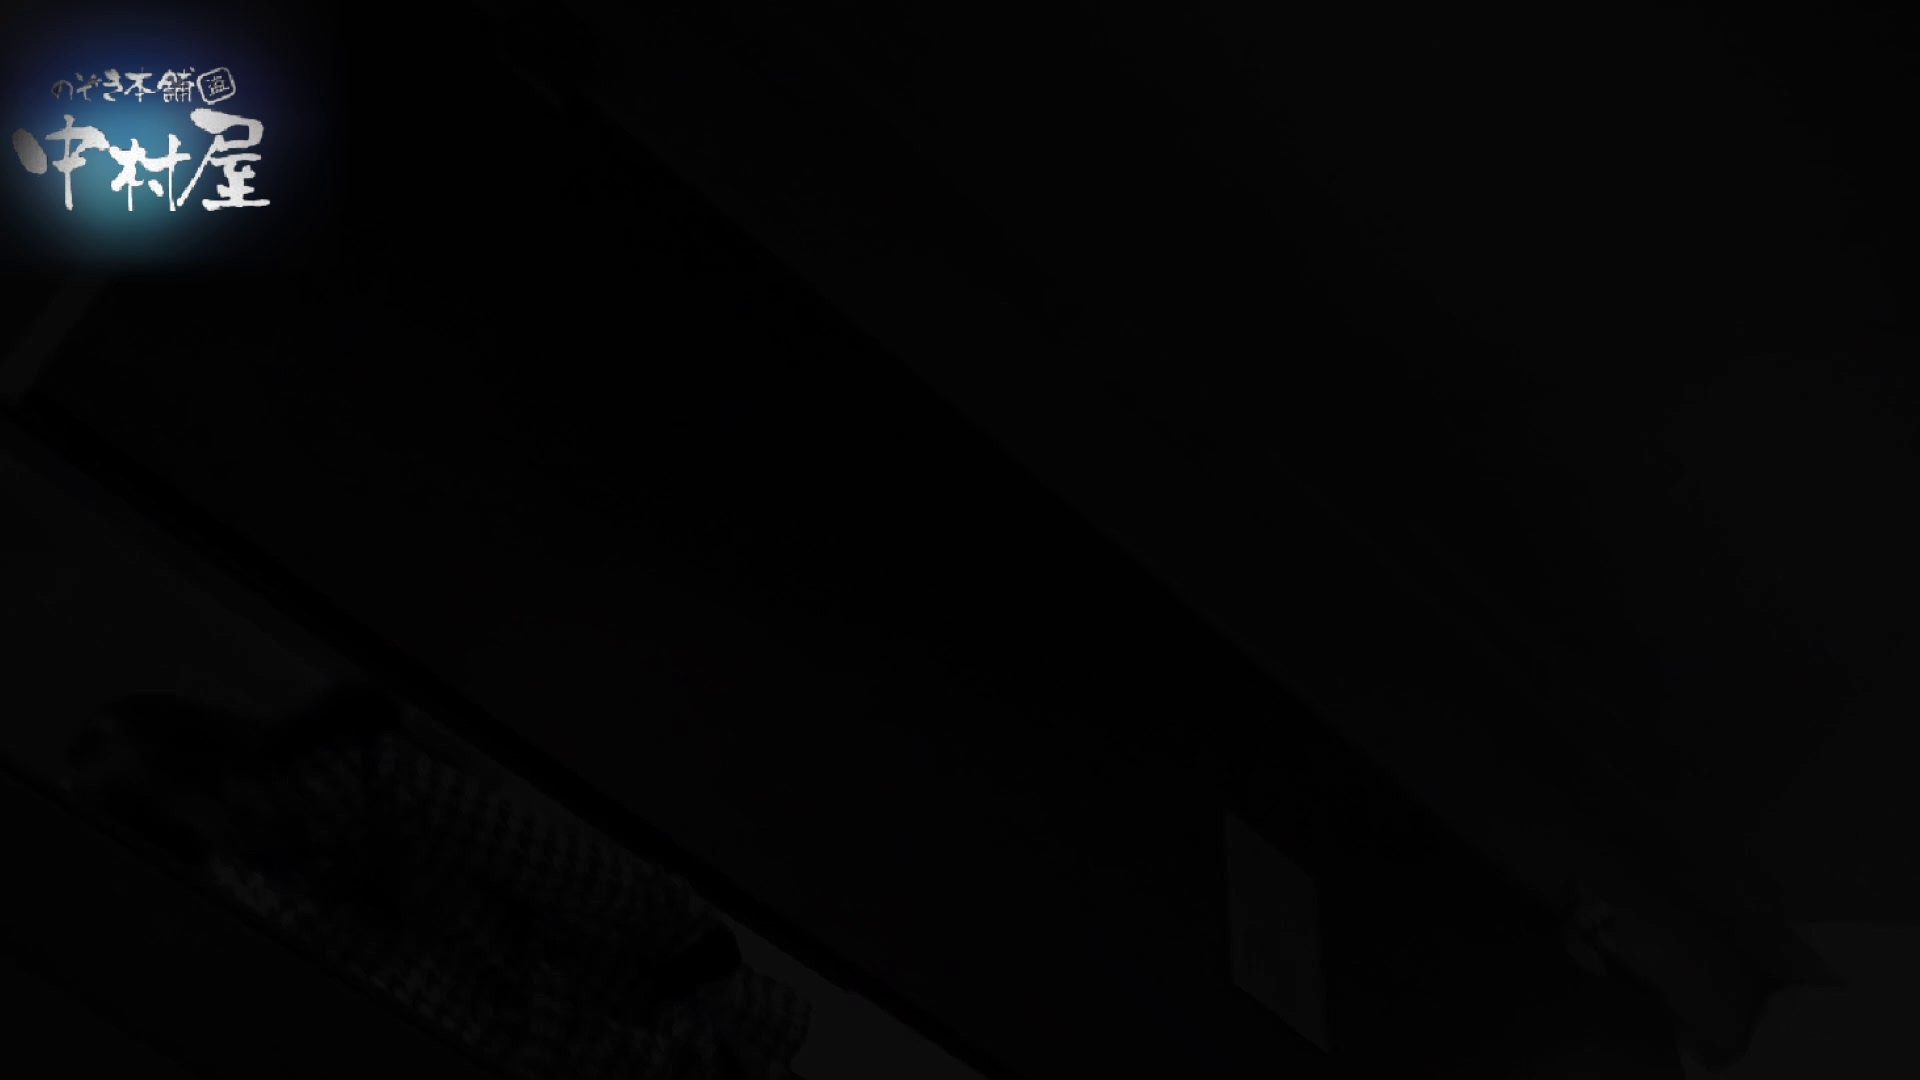 乙女集まる!ショッピングモール潜入撮vol.07 潜入 AV無料動画キャプチャ 102画像 74